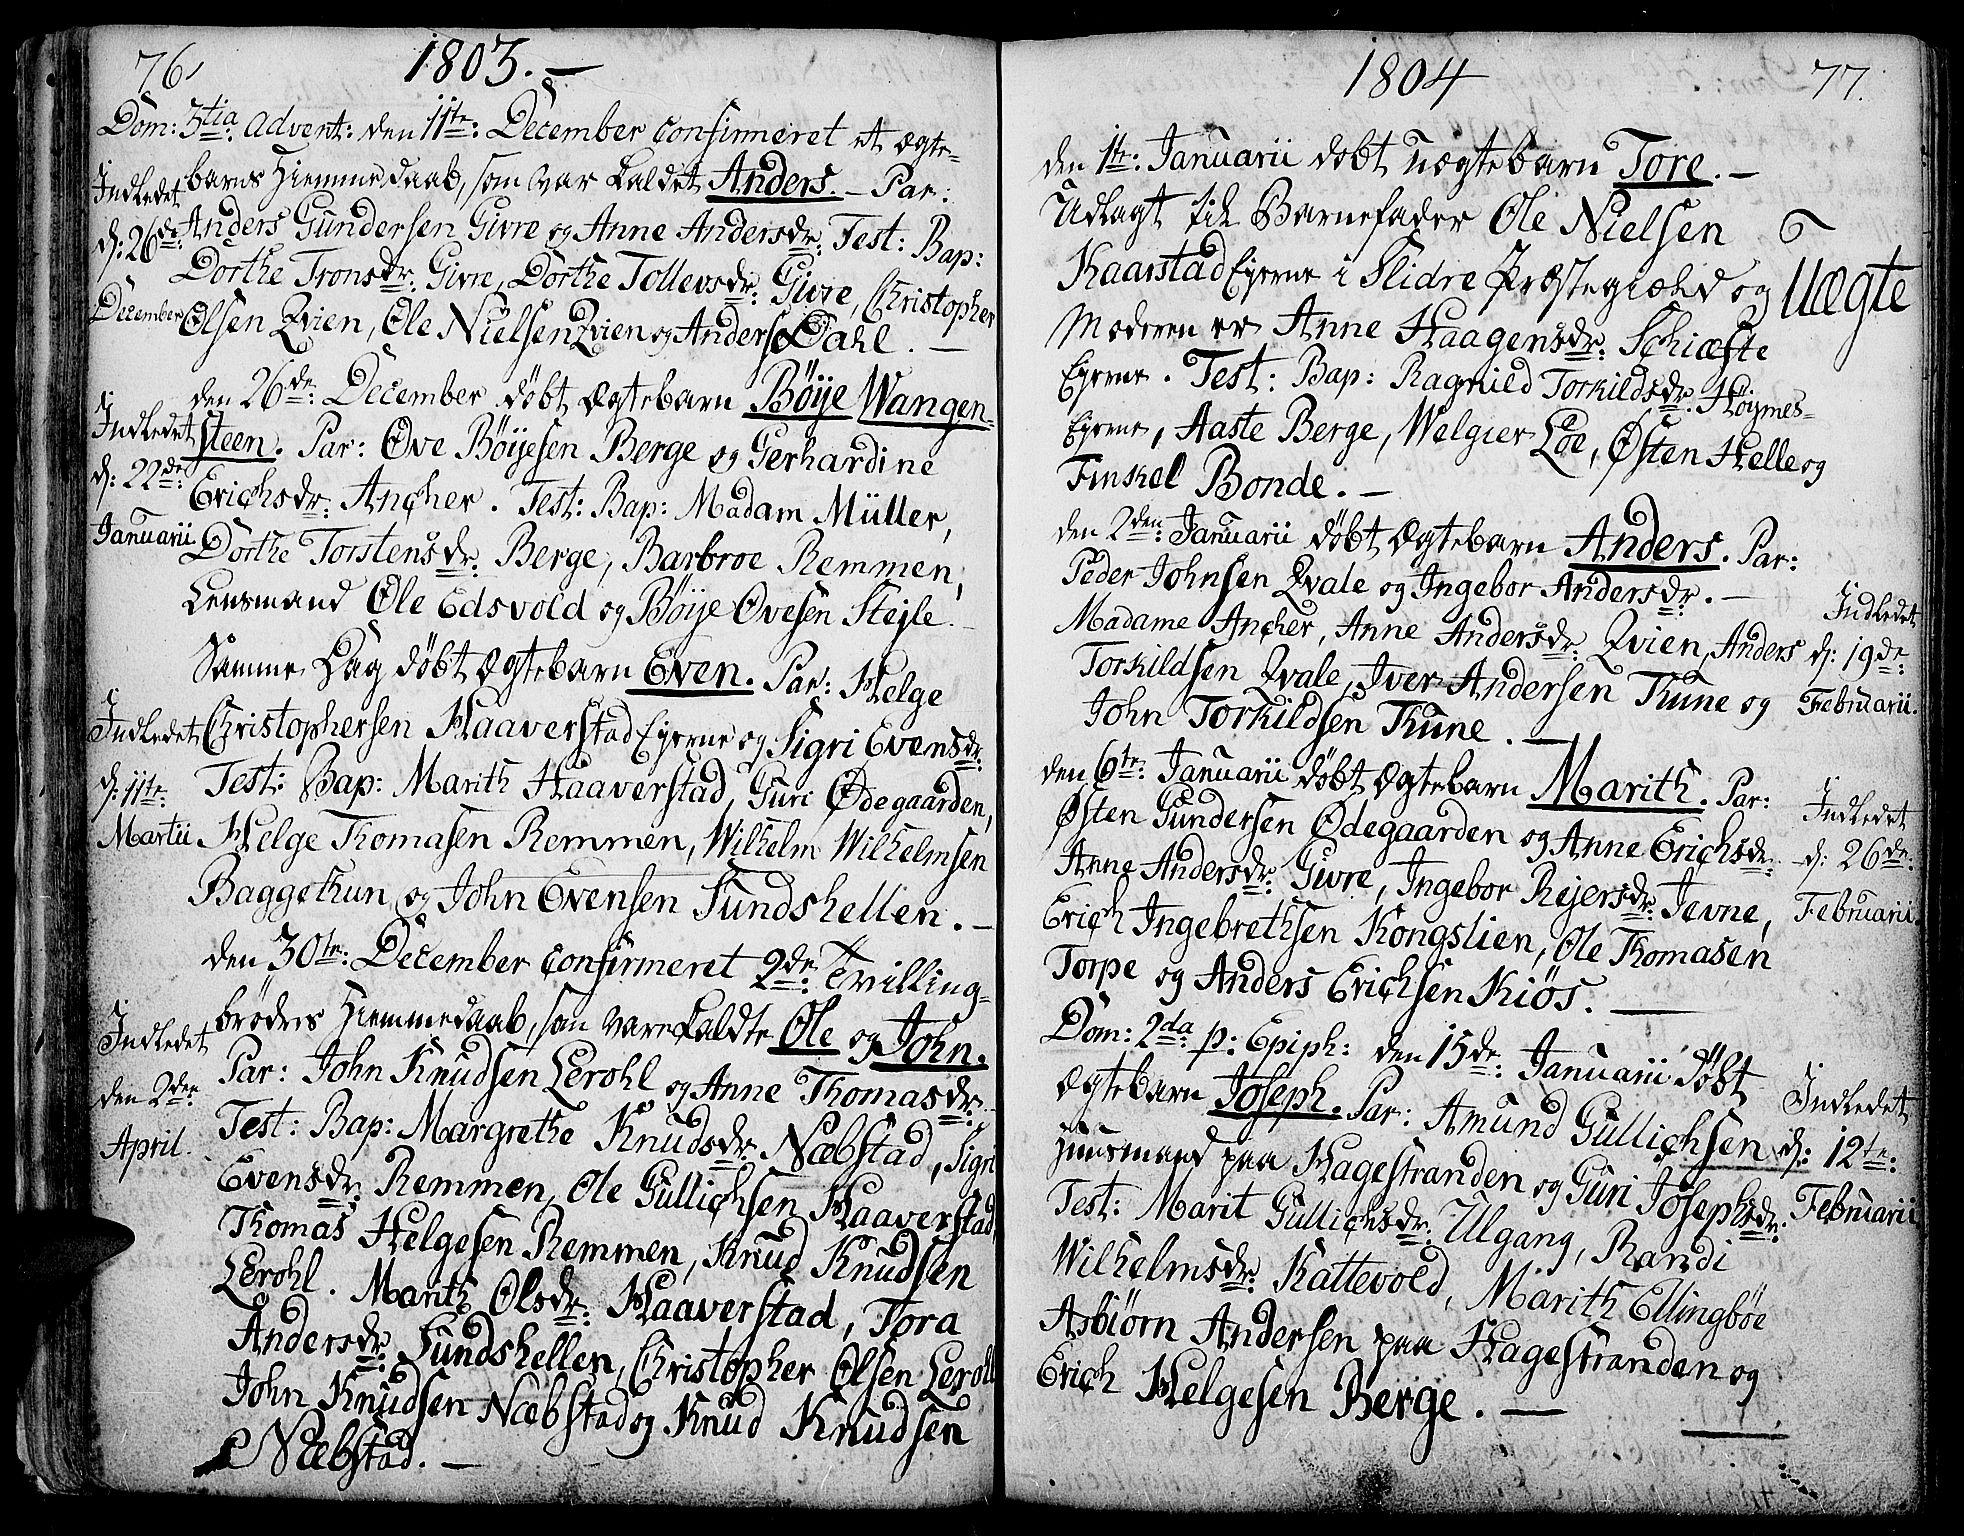 SAH, Vang prestekontor, Valdres, Ministerialbok nr. 2, 1796-1808, s. 76-77